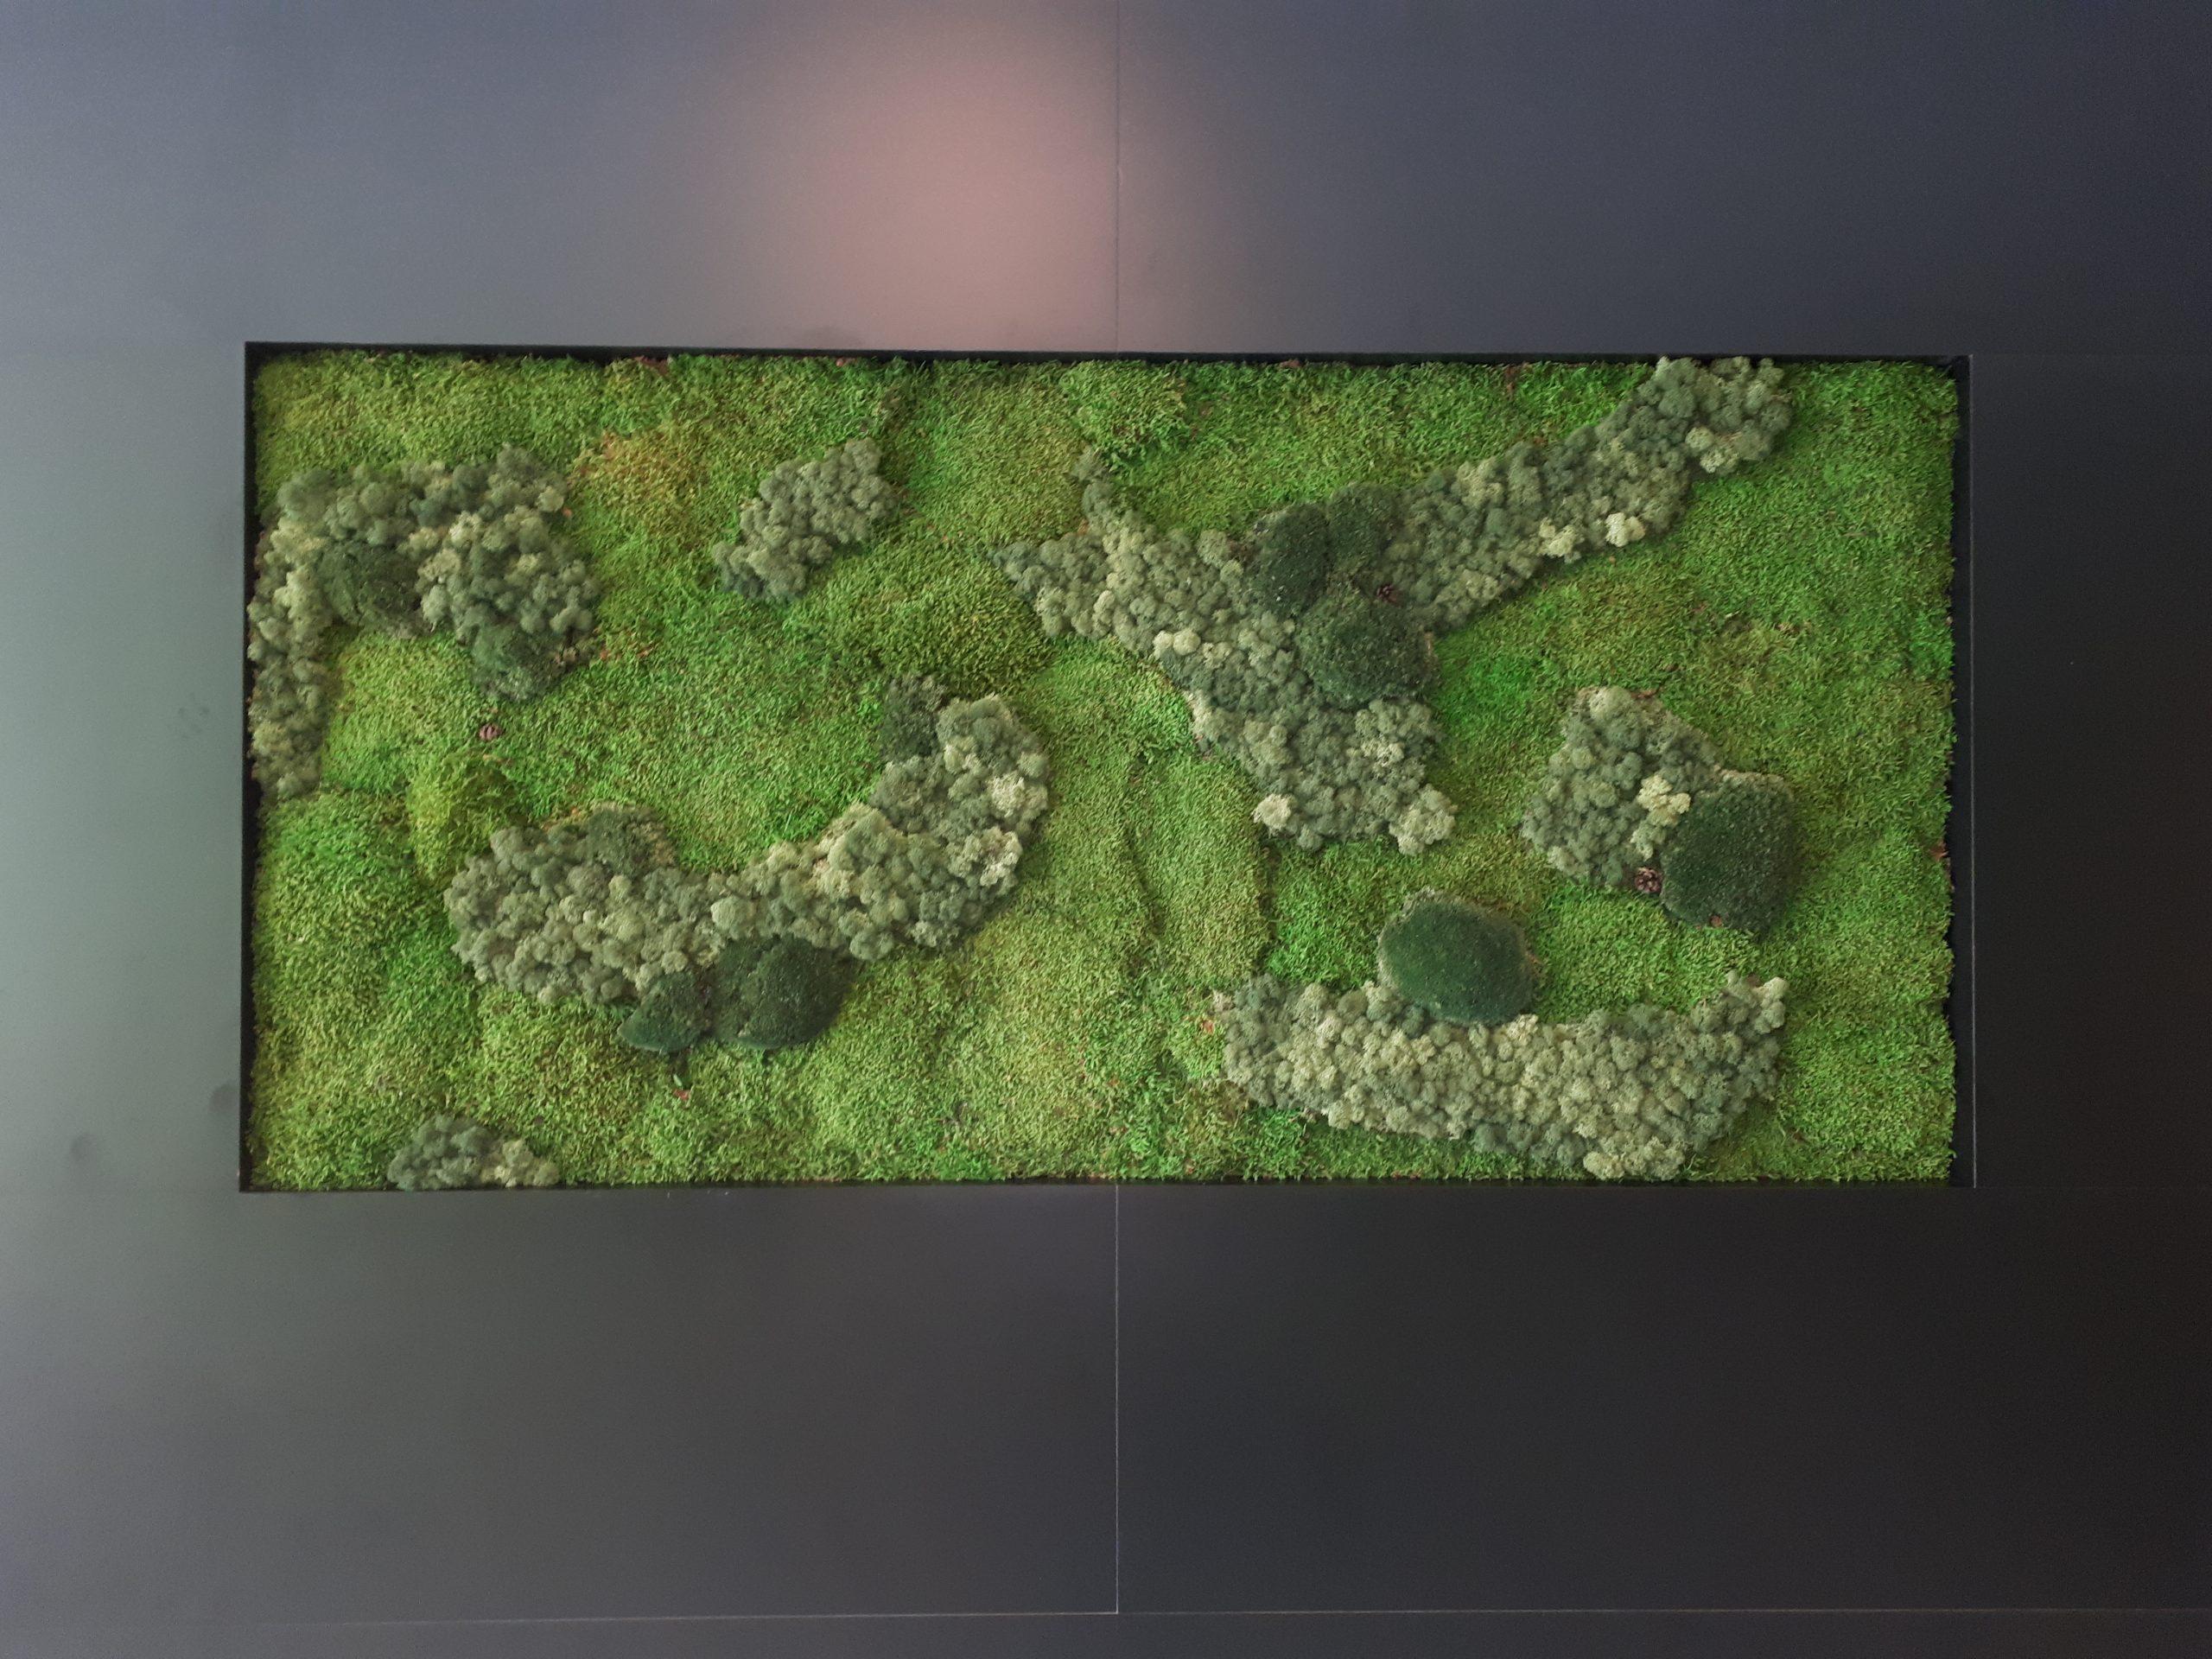 Mosschilderij speciaal op maat gemaakt voor in een nis